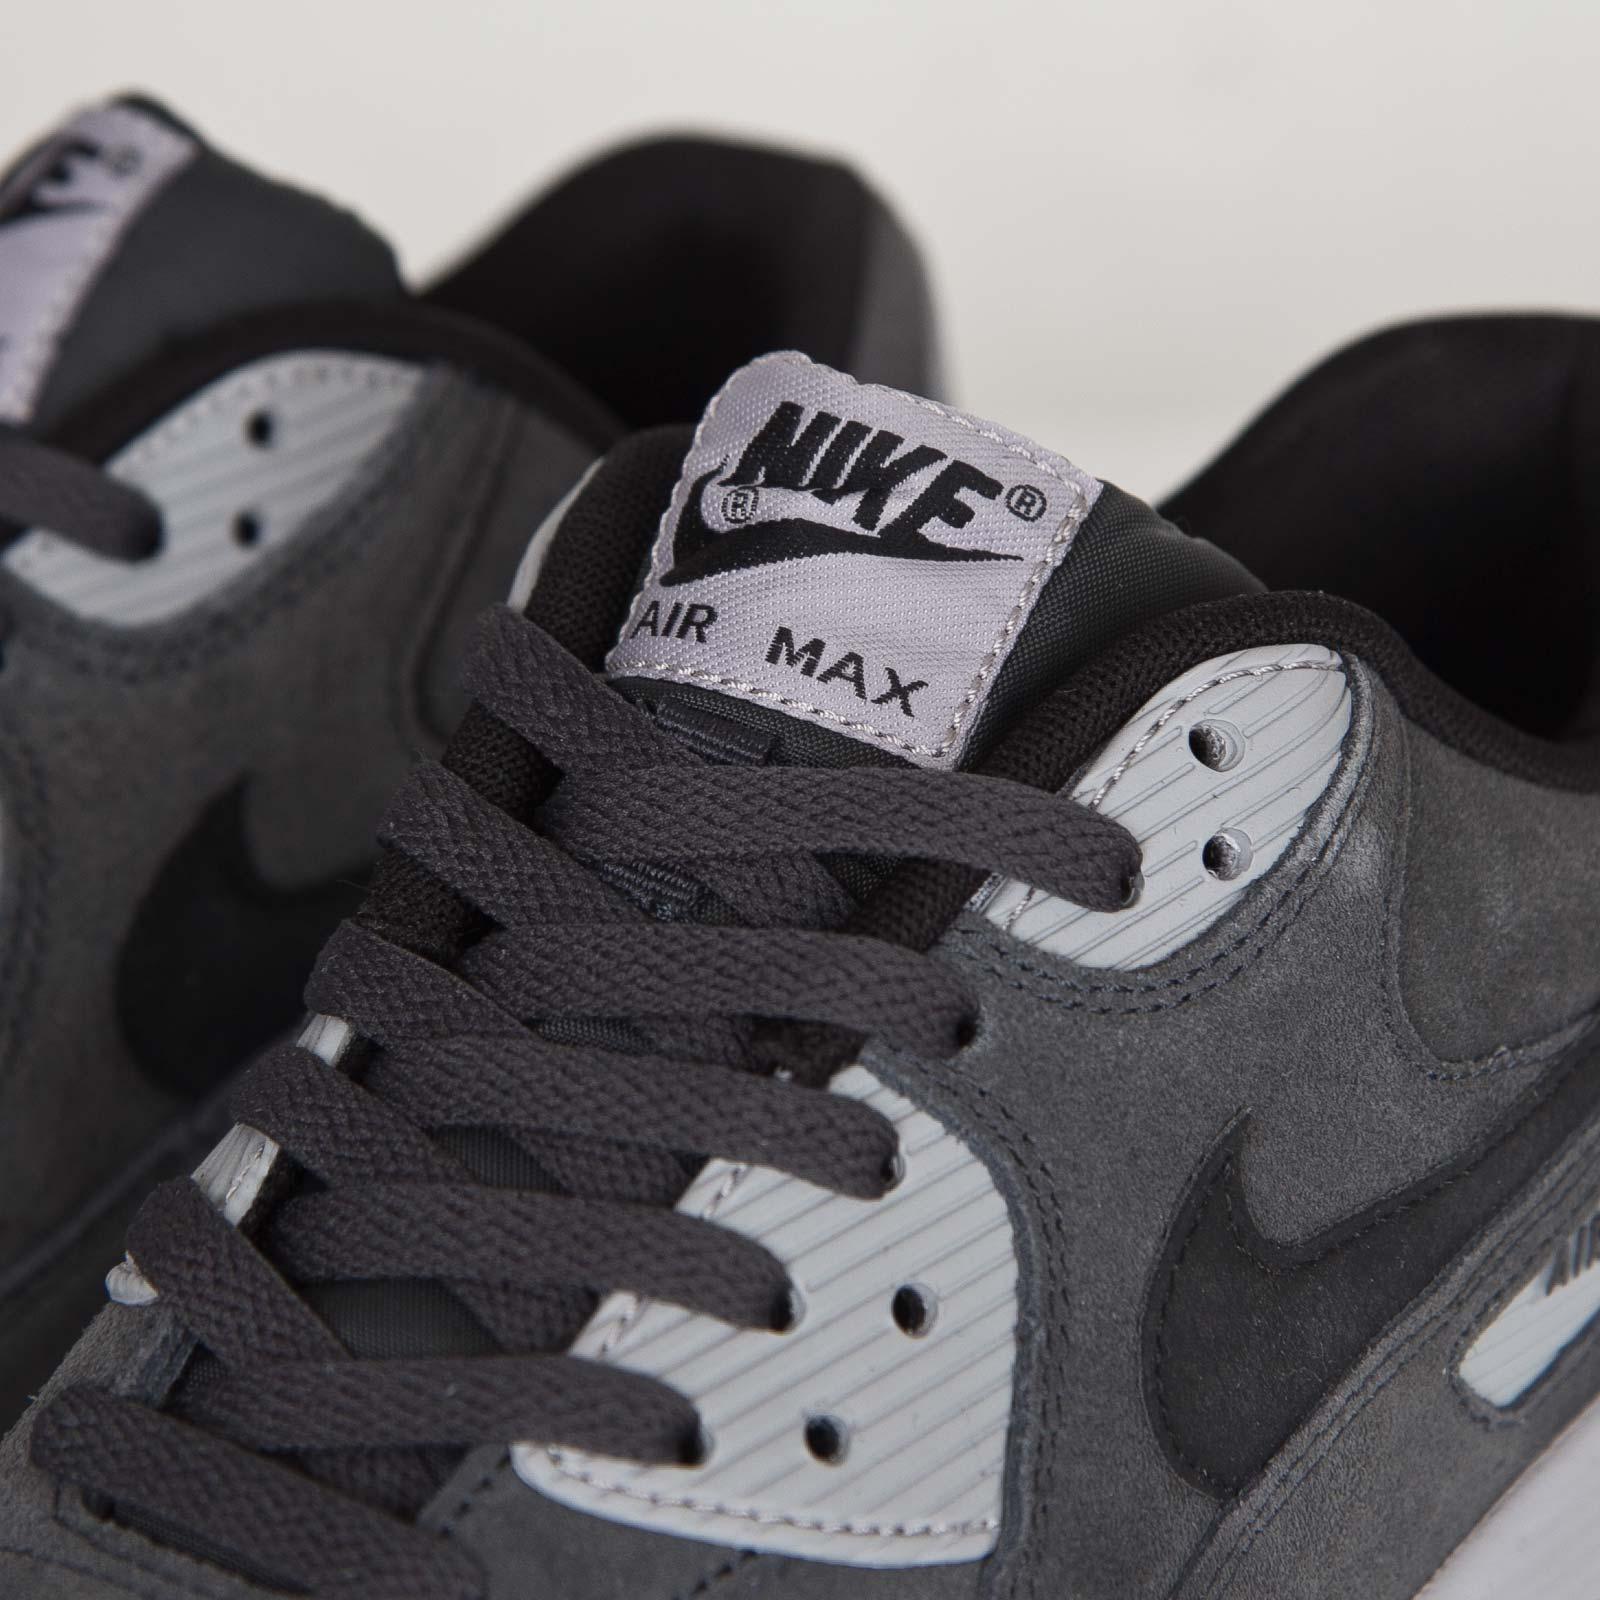 Nike Air Max 90 LTR 652980 012 Sneakersnstuff | sneakers